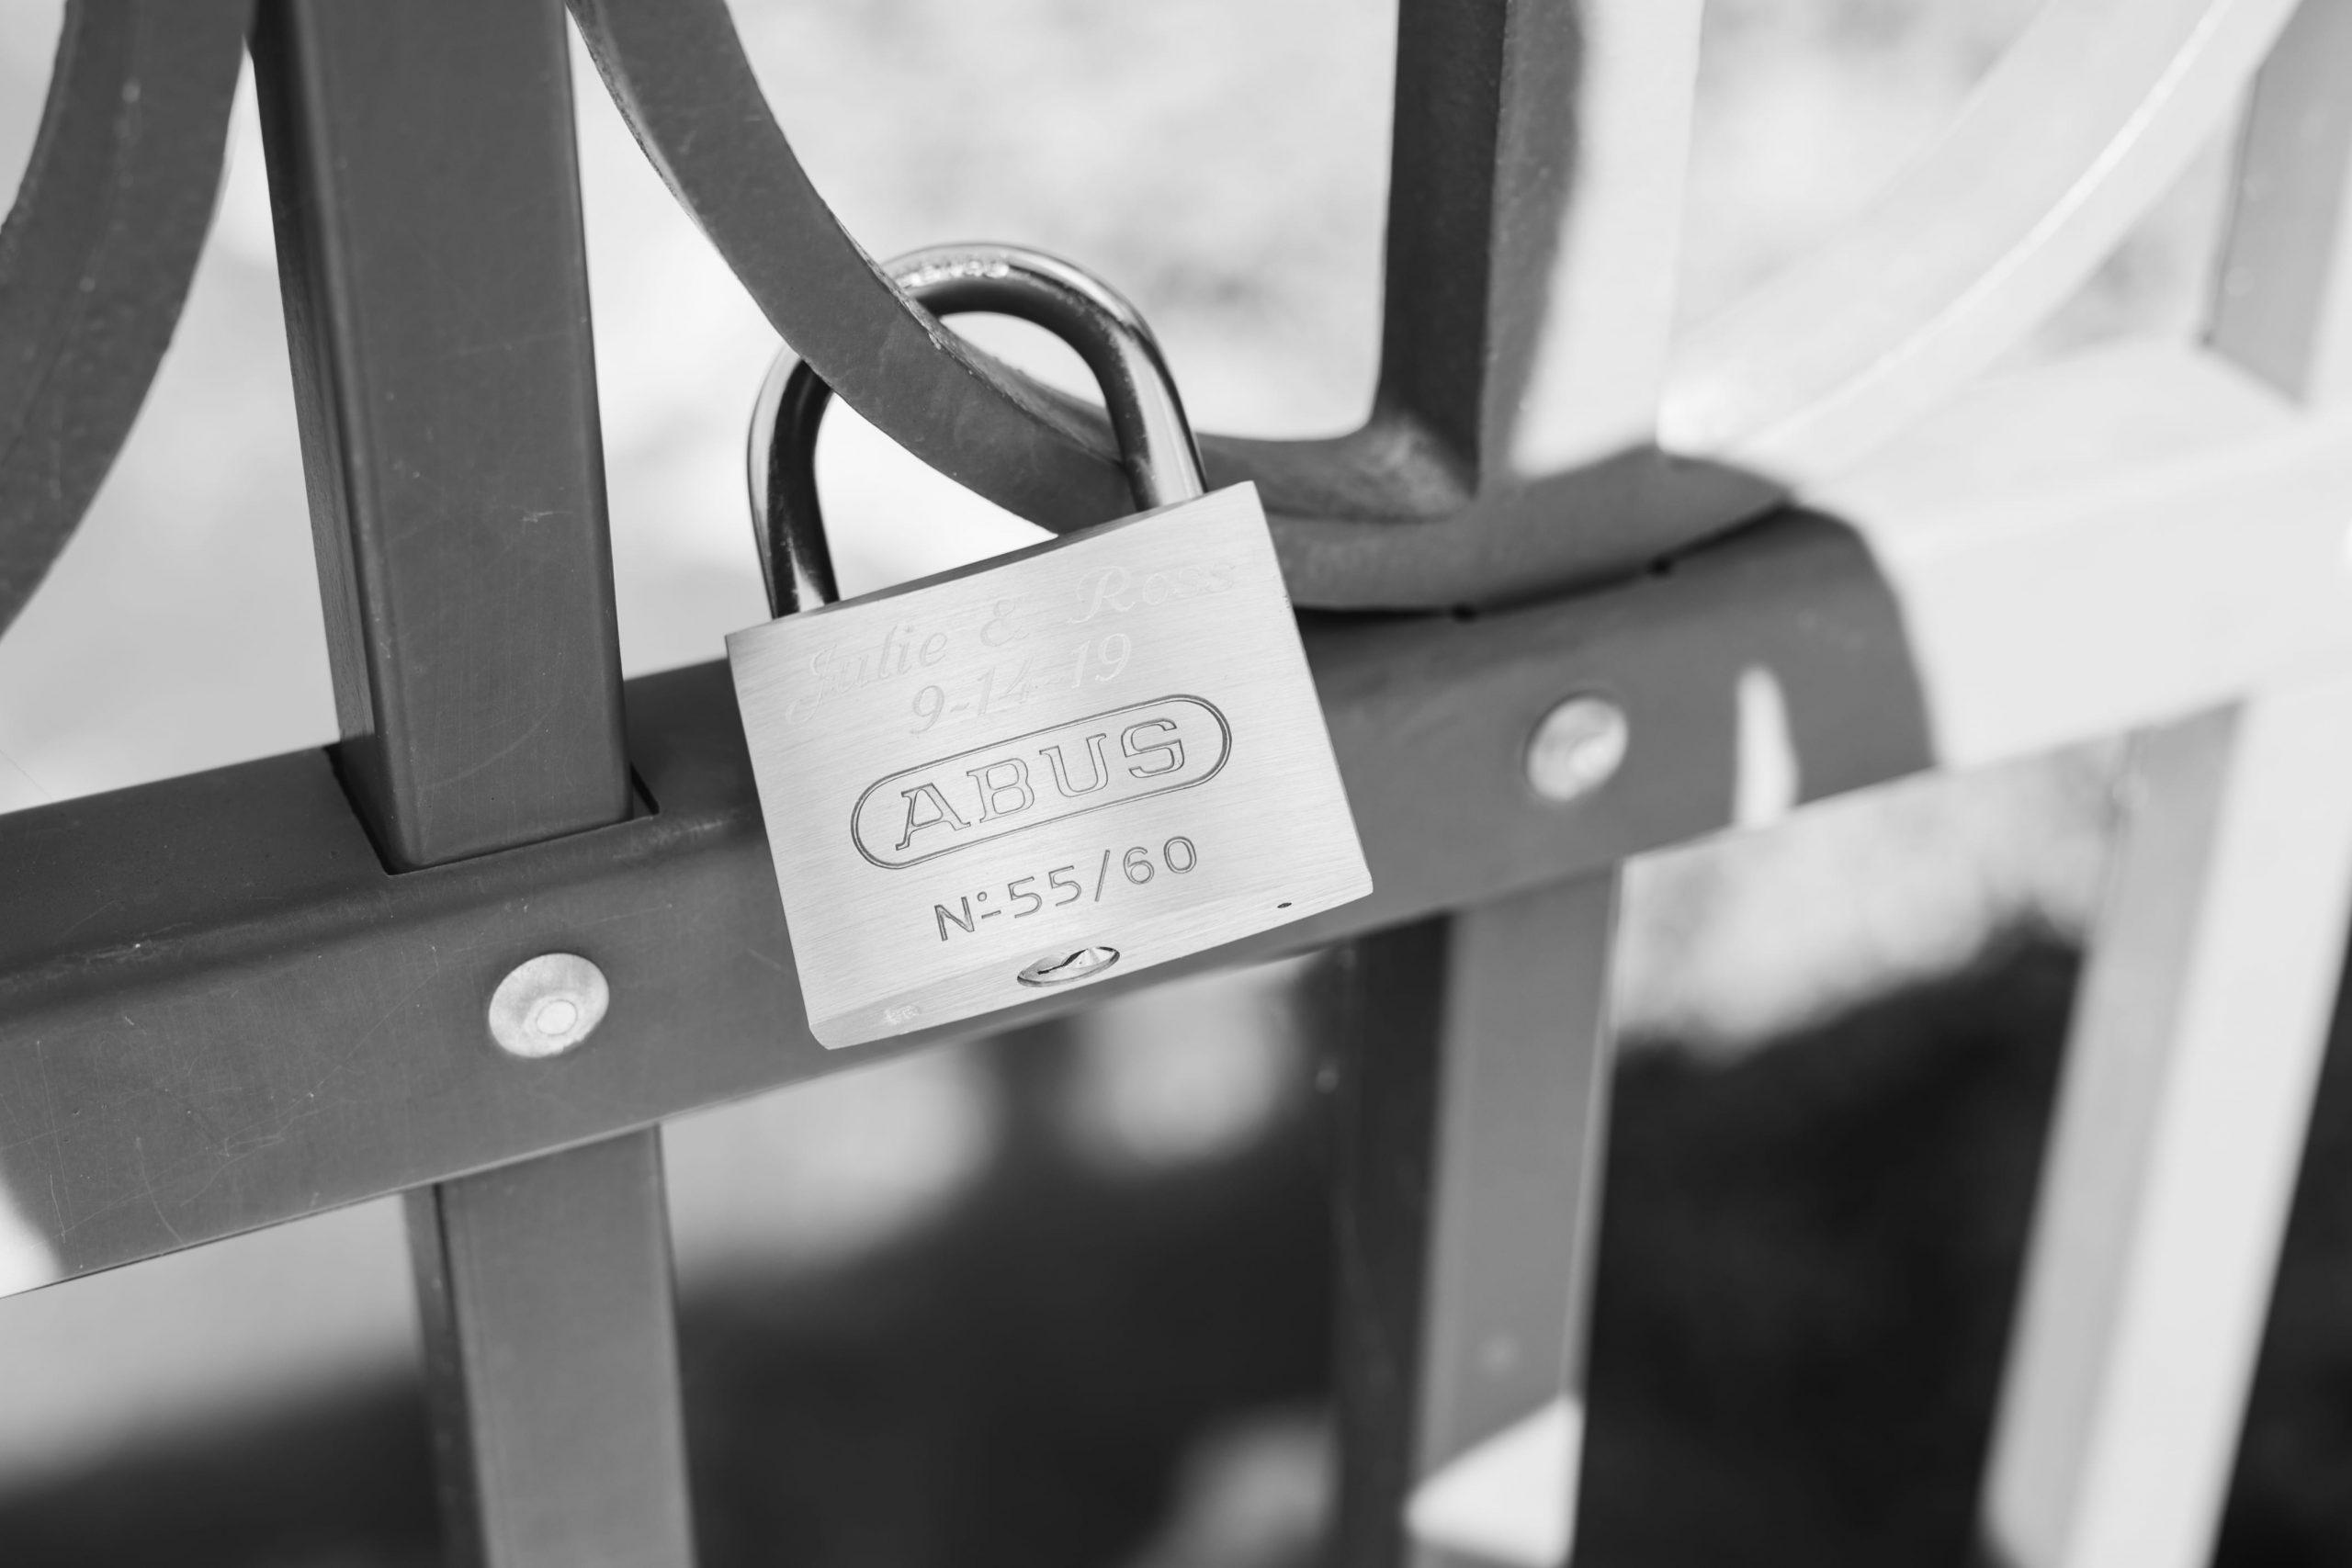 wedding lock on a fence